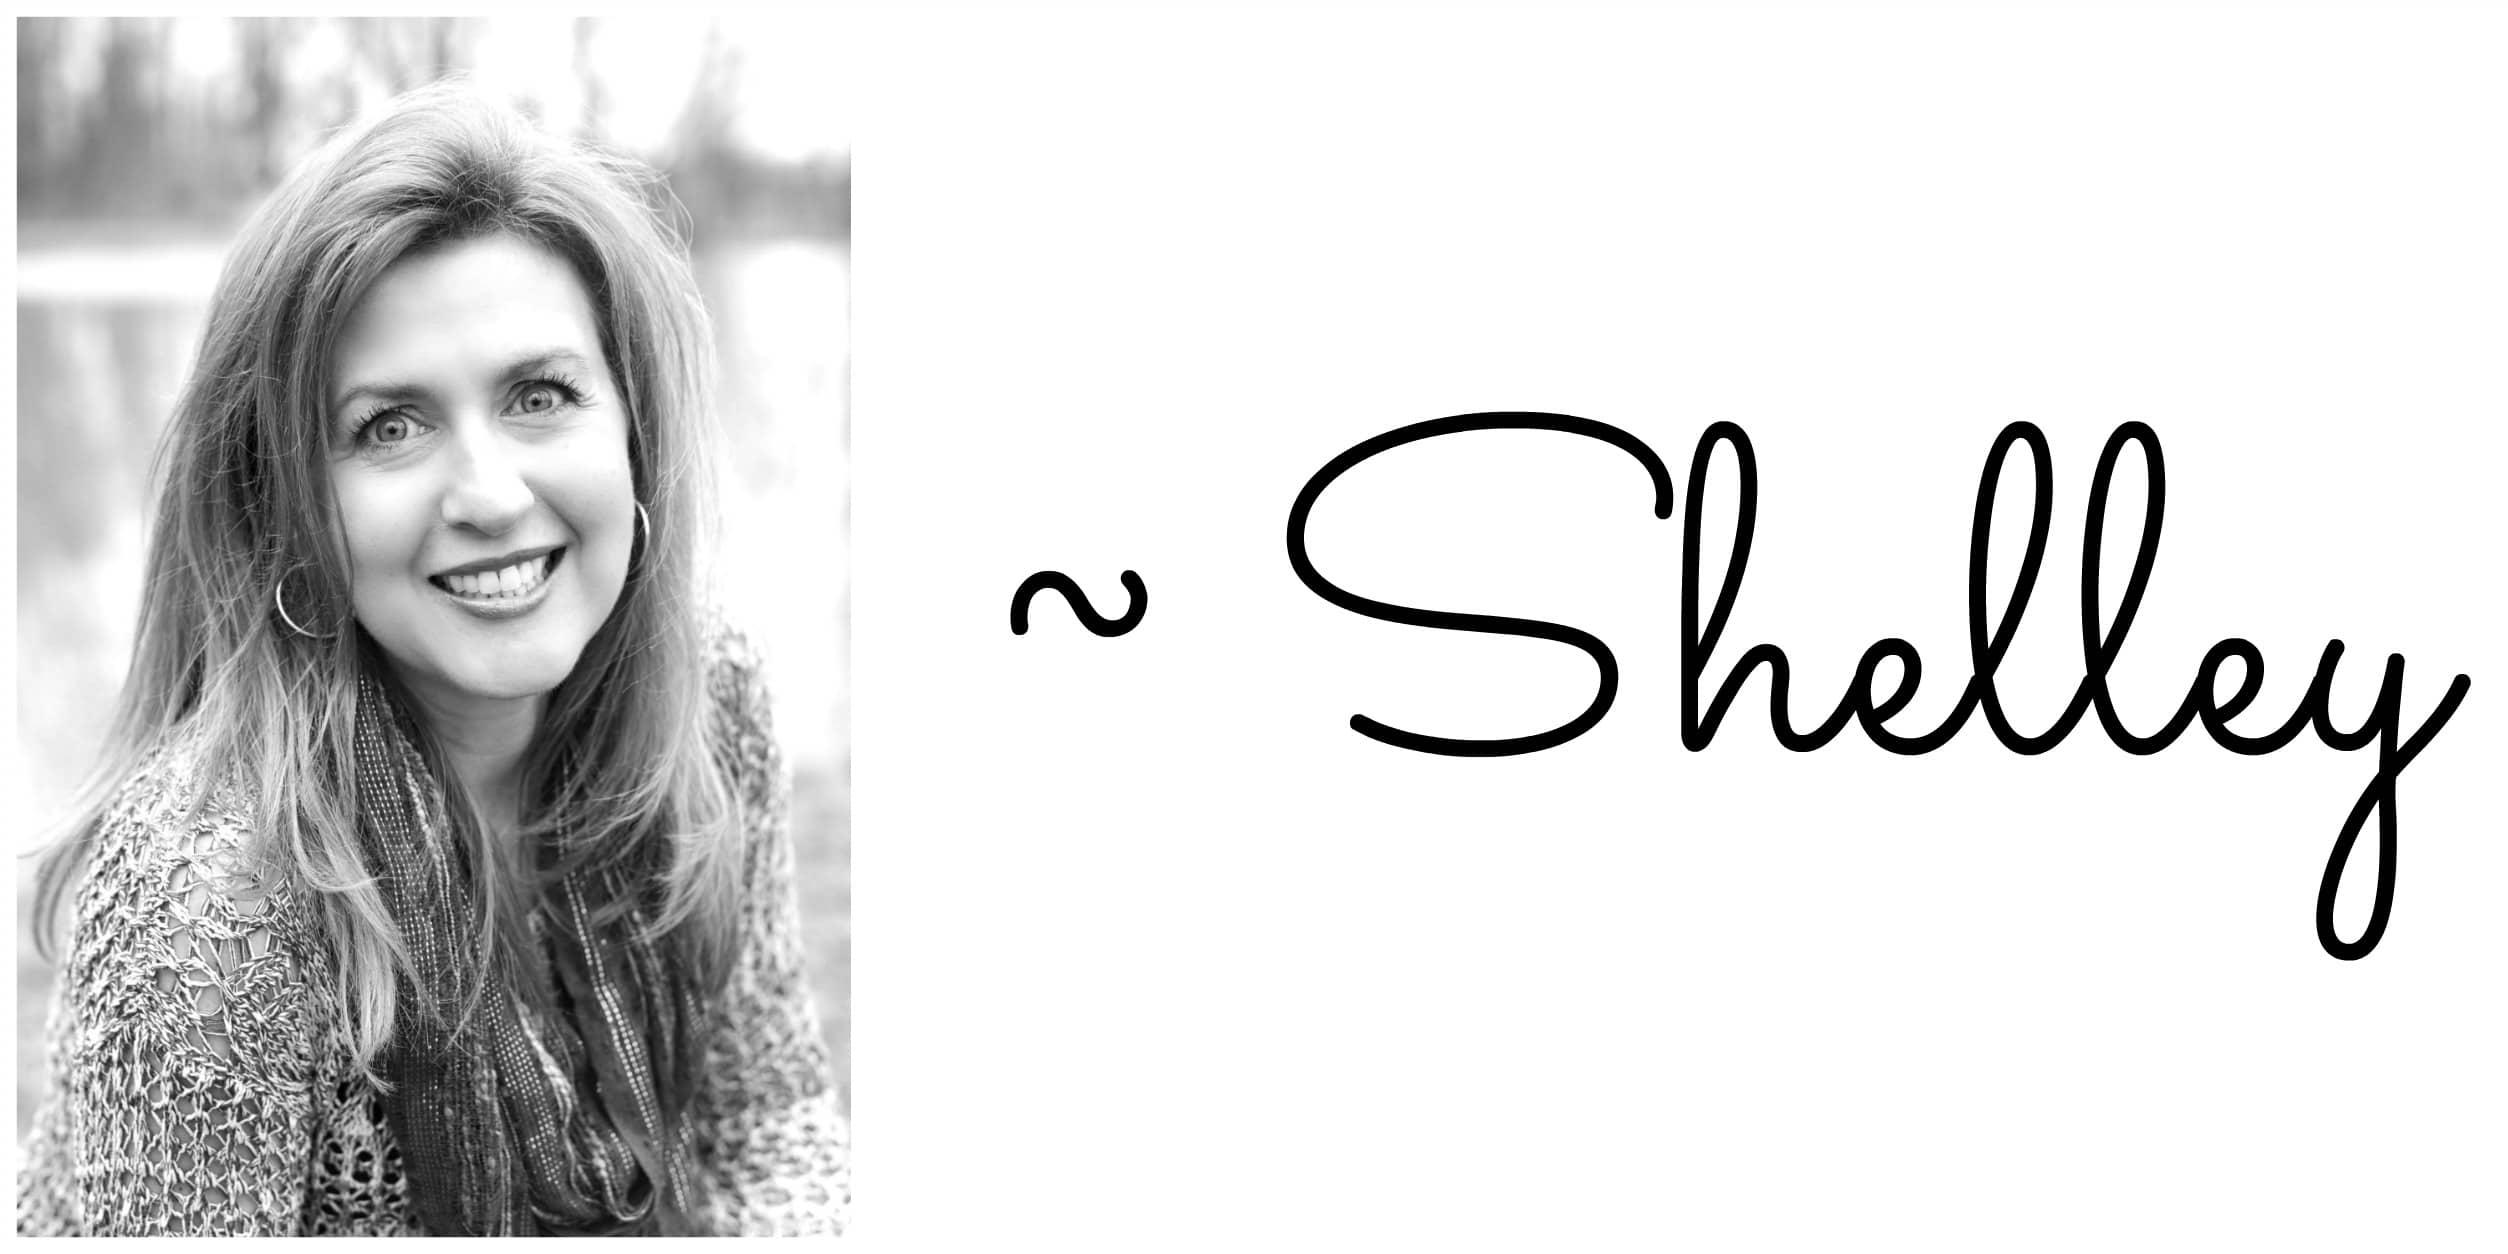 Shelley sig